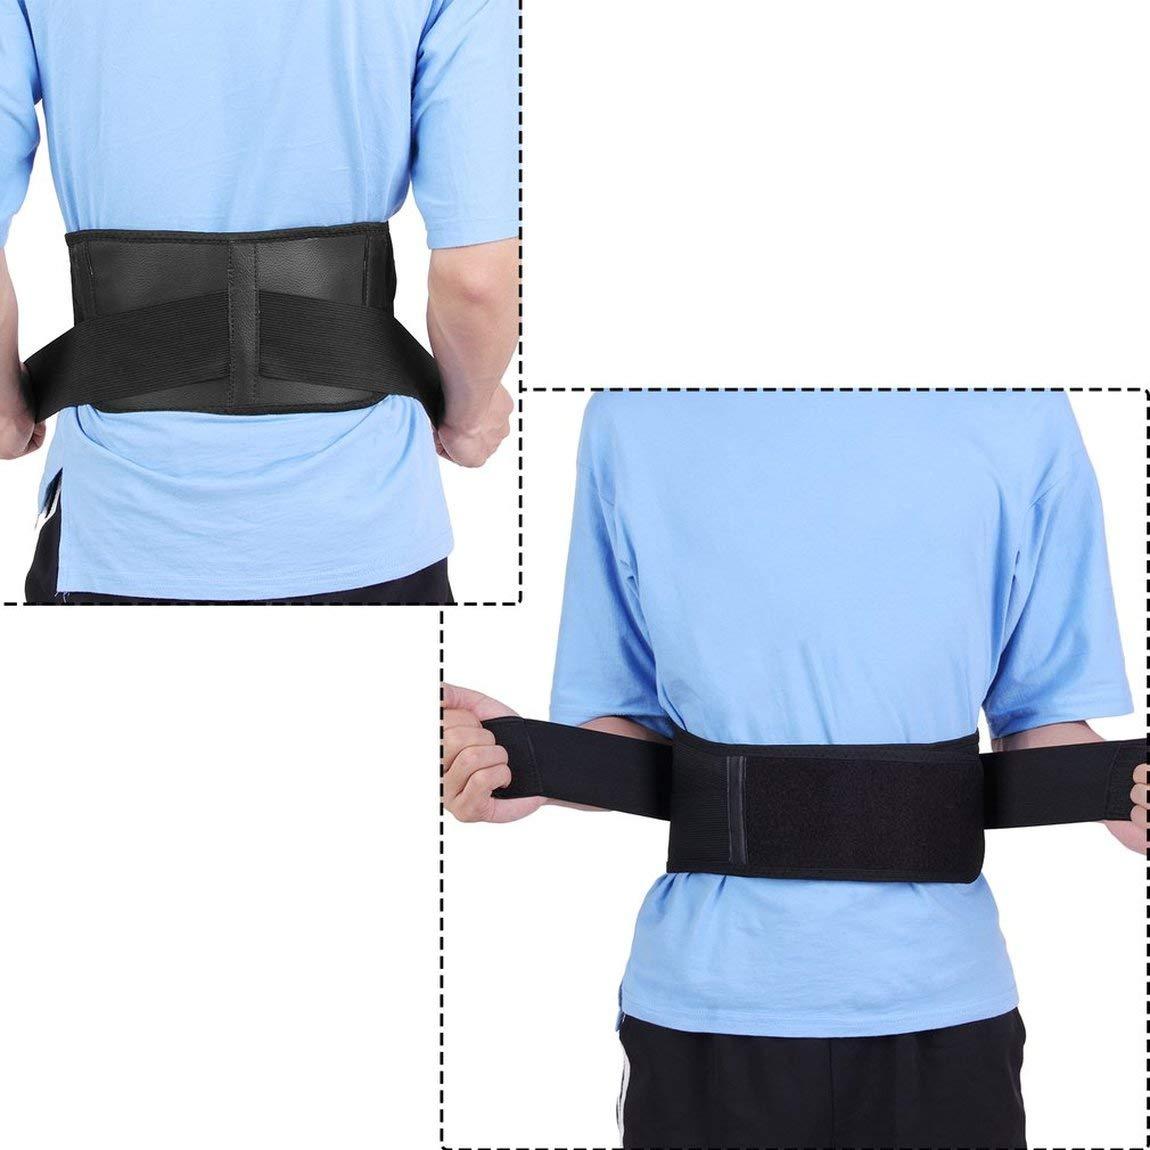 Lordosenst/ütze SchmerzMassager Infrarot Magnetic R/ückengurt Selbsterhitzung Therapie G/ürtel Einstellbare Posture G/ürtel 73JohnPol Multi-Funktions-Taille